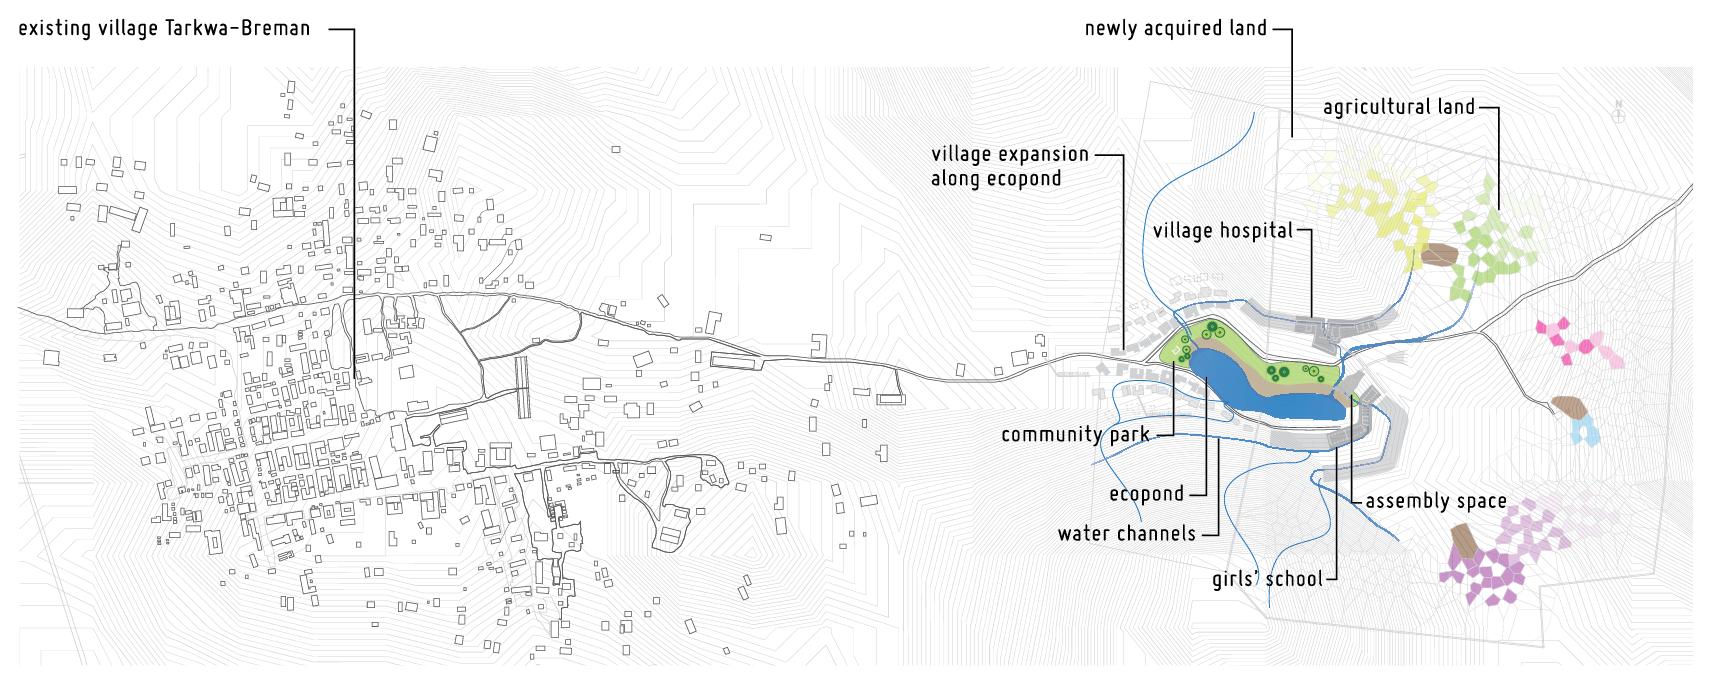 village expansion plan